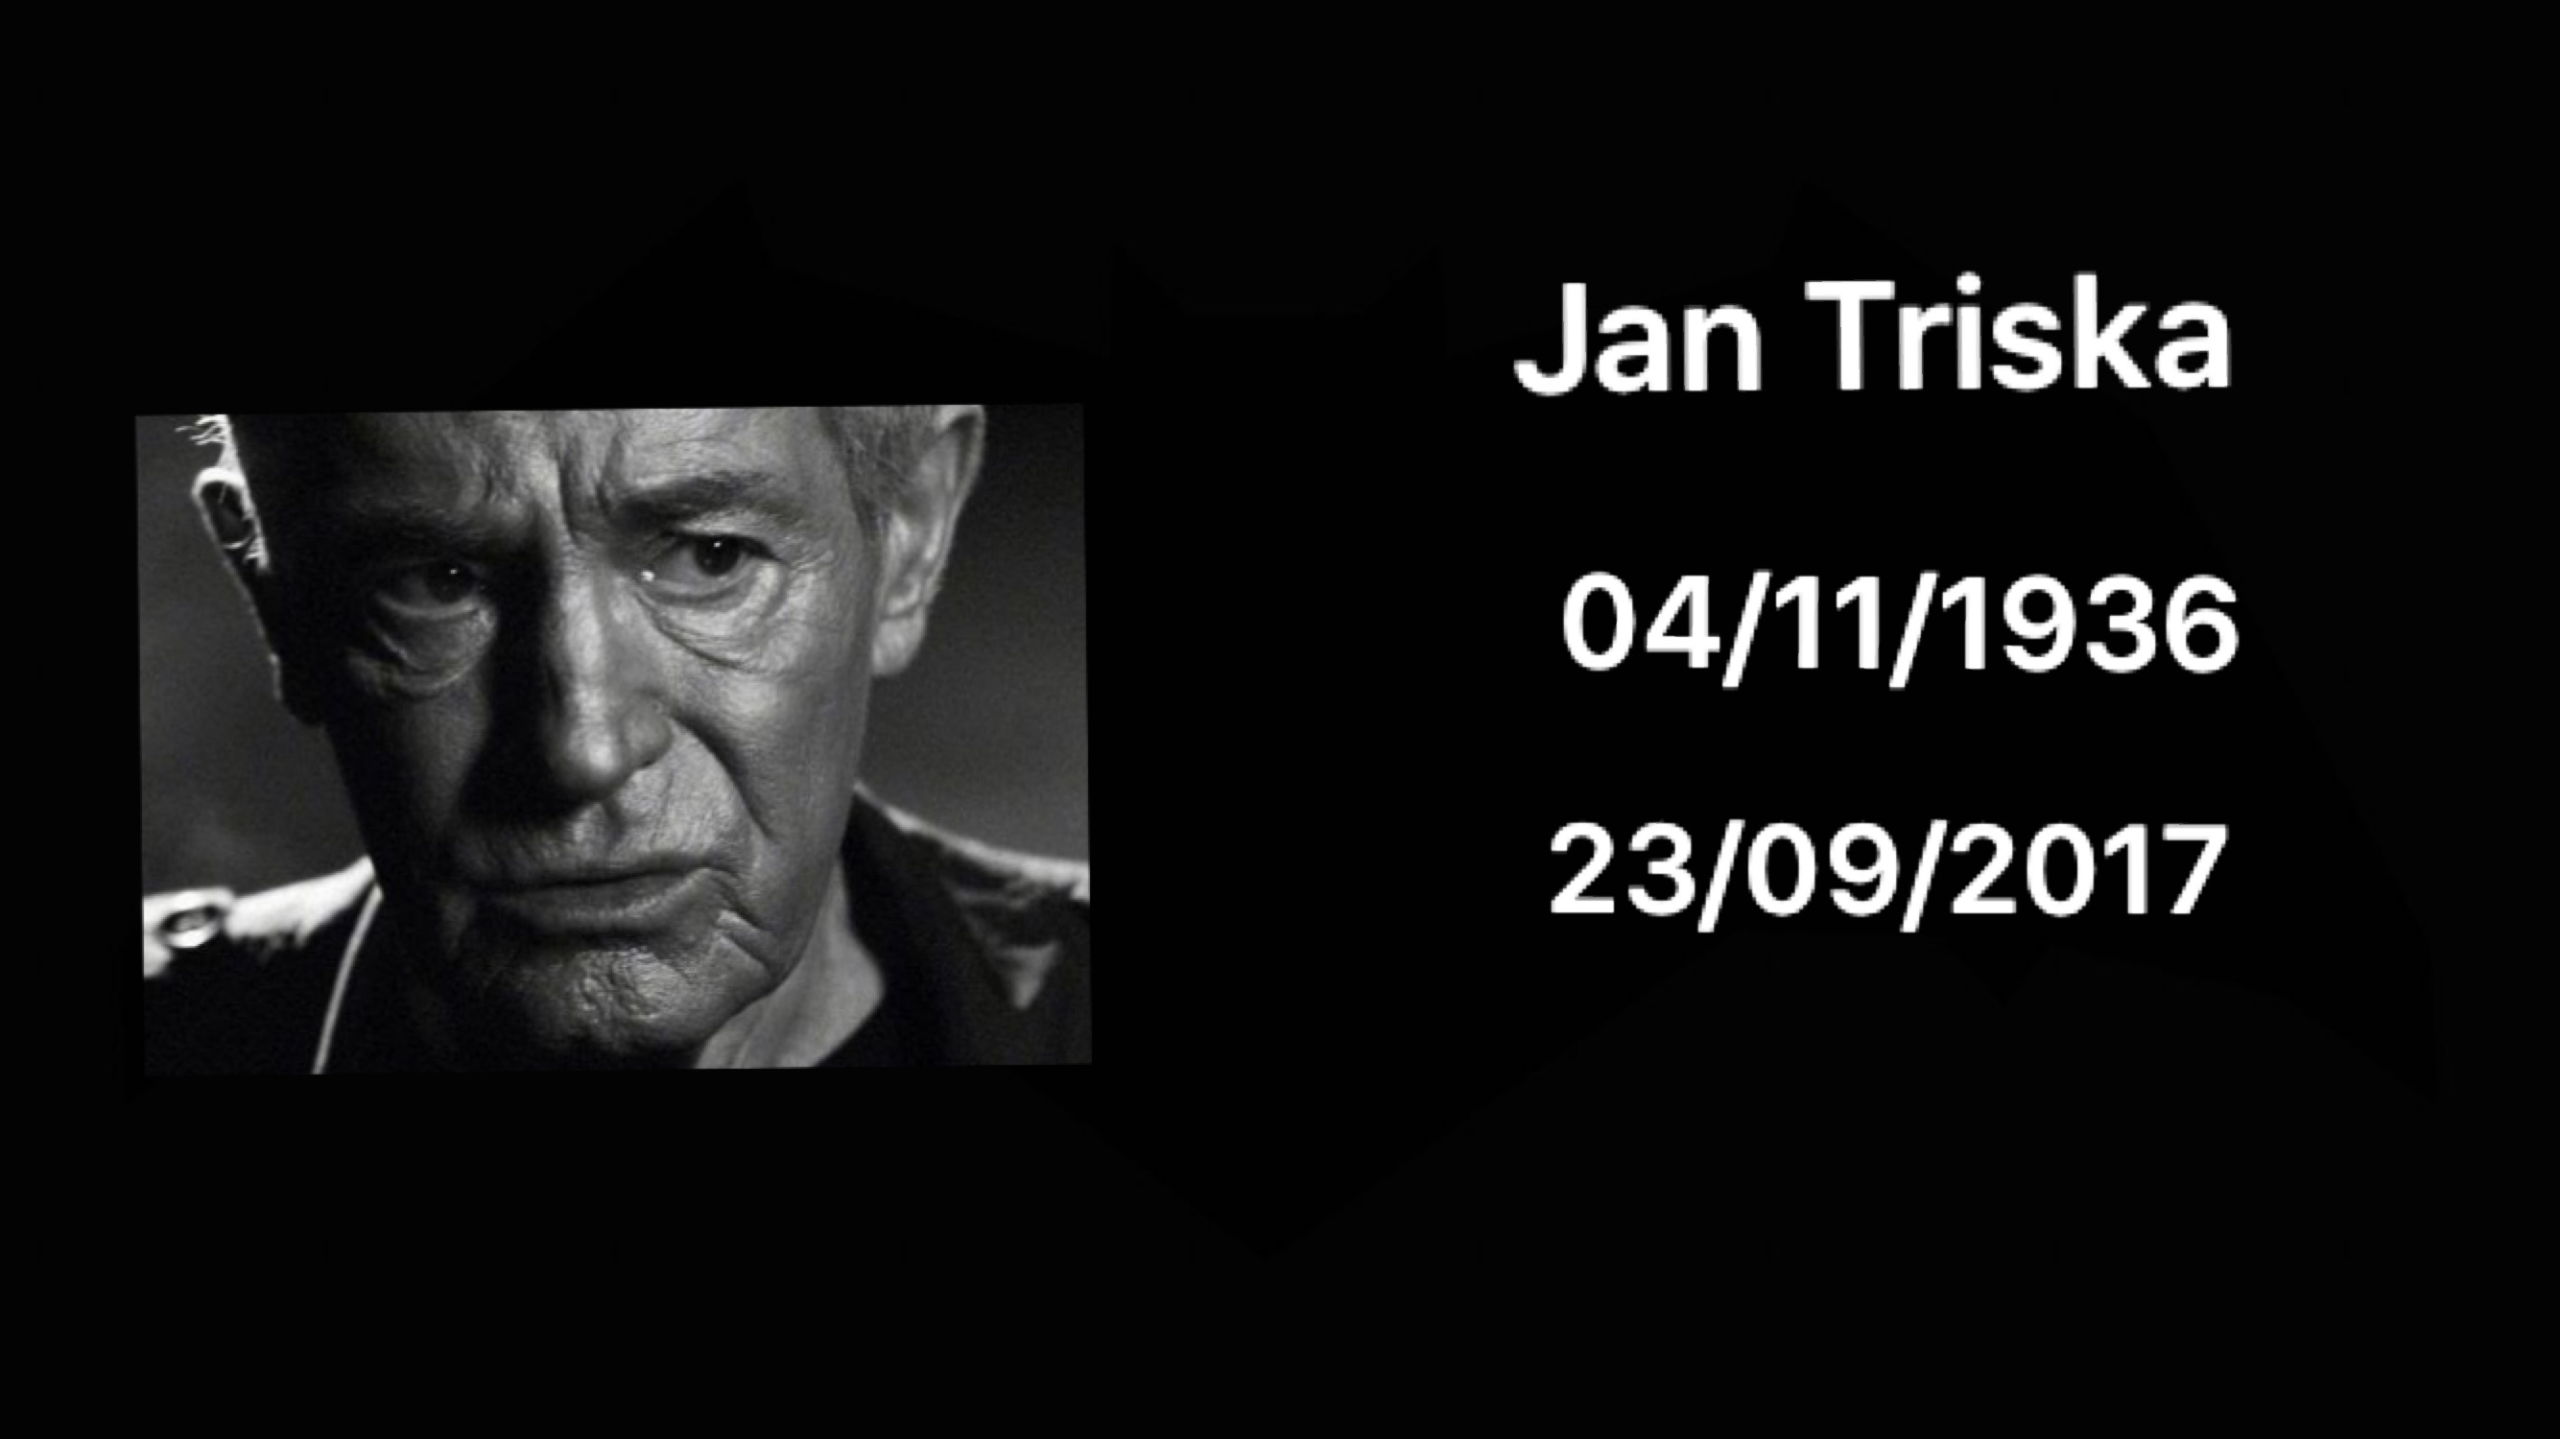 Ator Jan Triska morre em acidente bizarro aos 80 anos 3